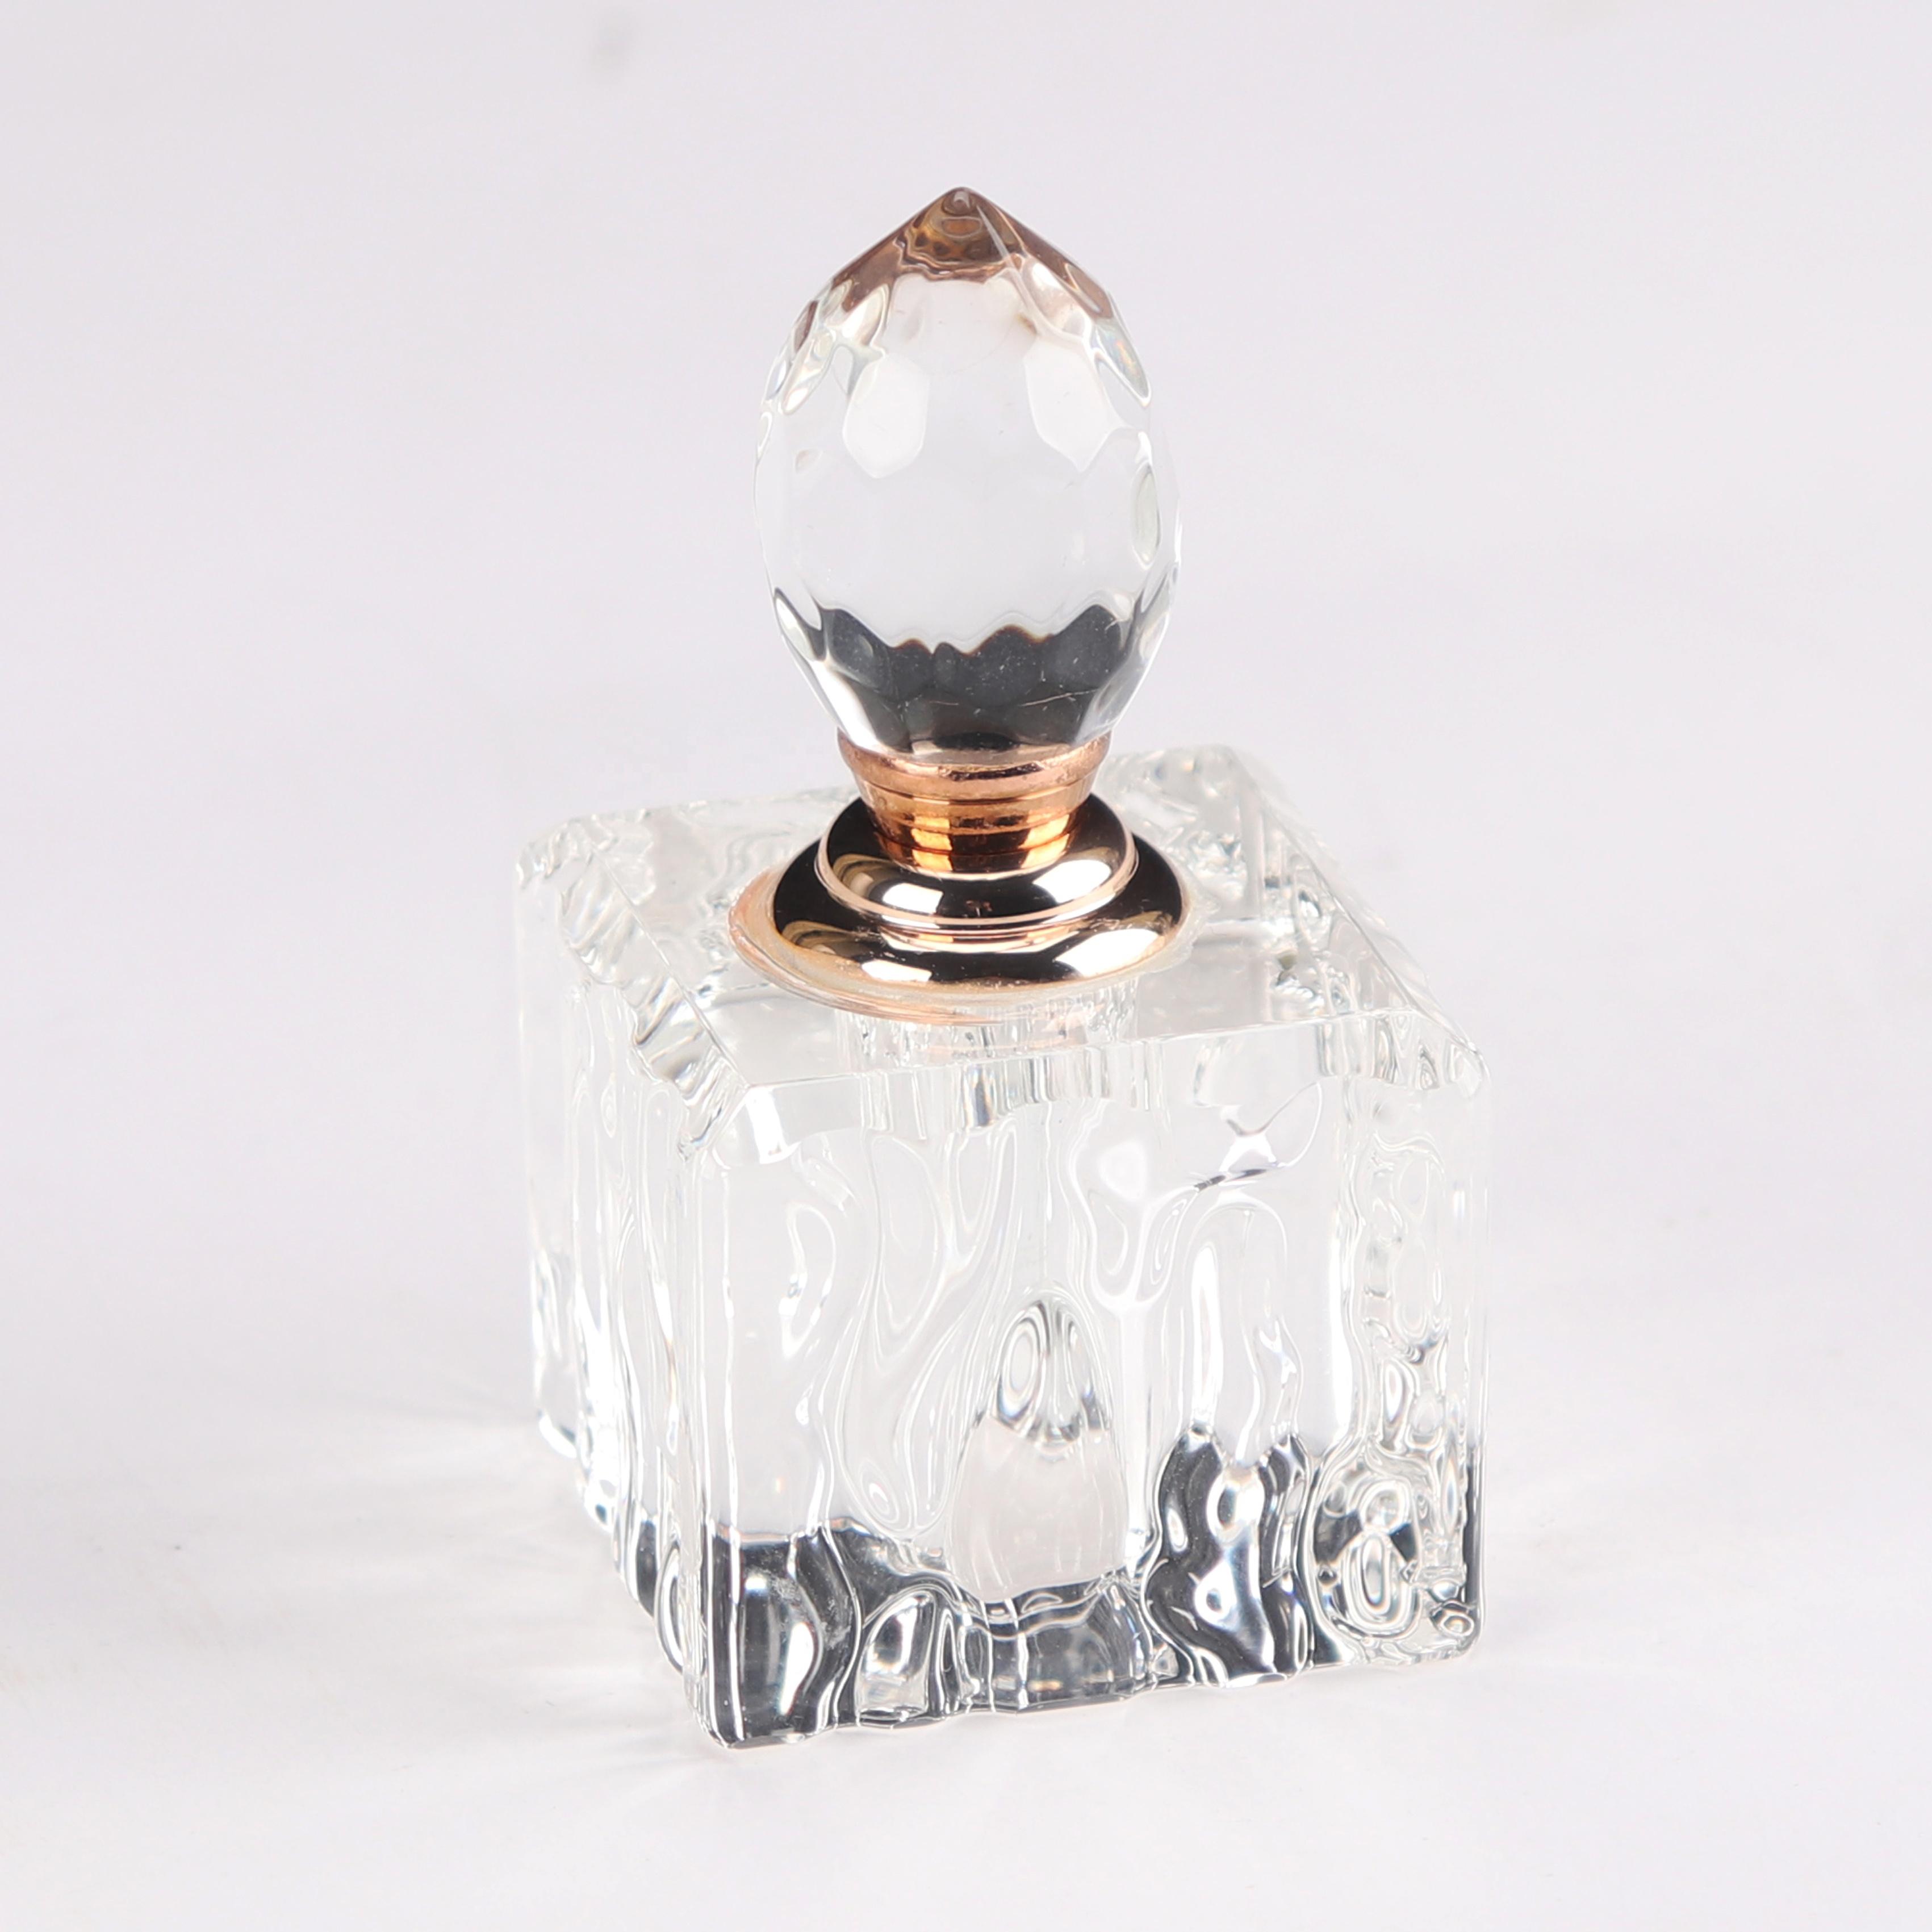 649baa16e وظيفة والزجاج والكريستال زجاجات عطور للسيارات الزخرفية العطار الزجاجات  العطور: